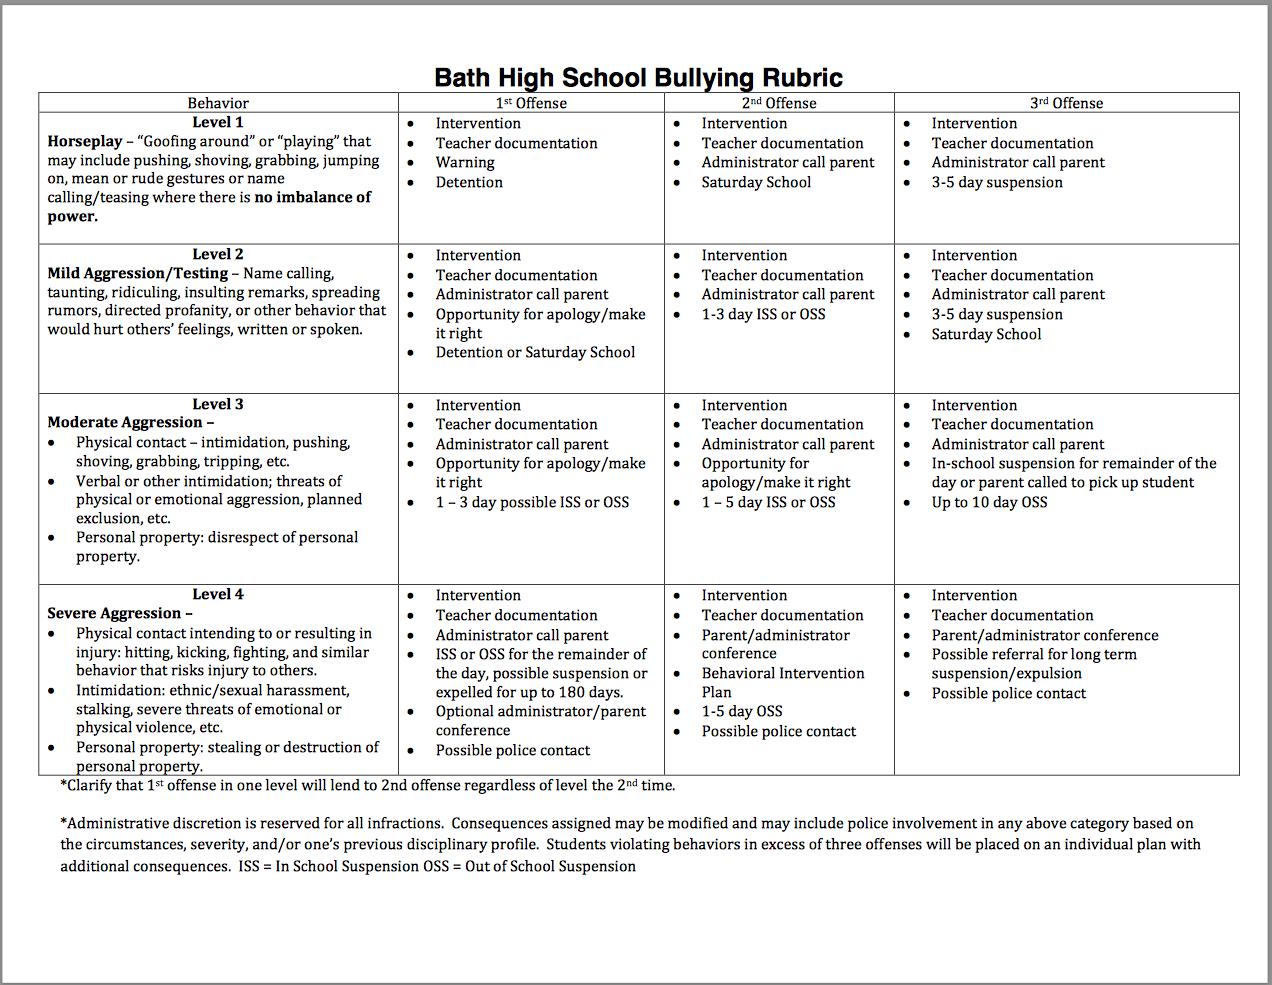 Bath High School Bullying Rubric Online